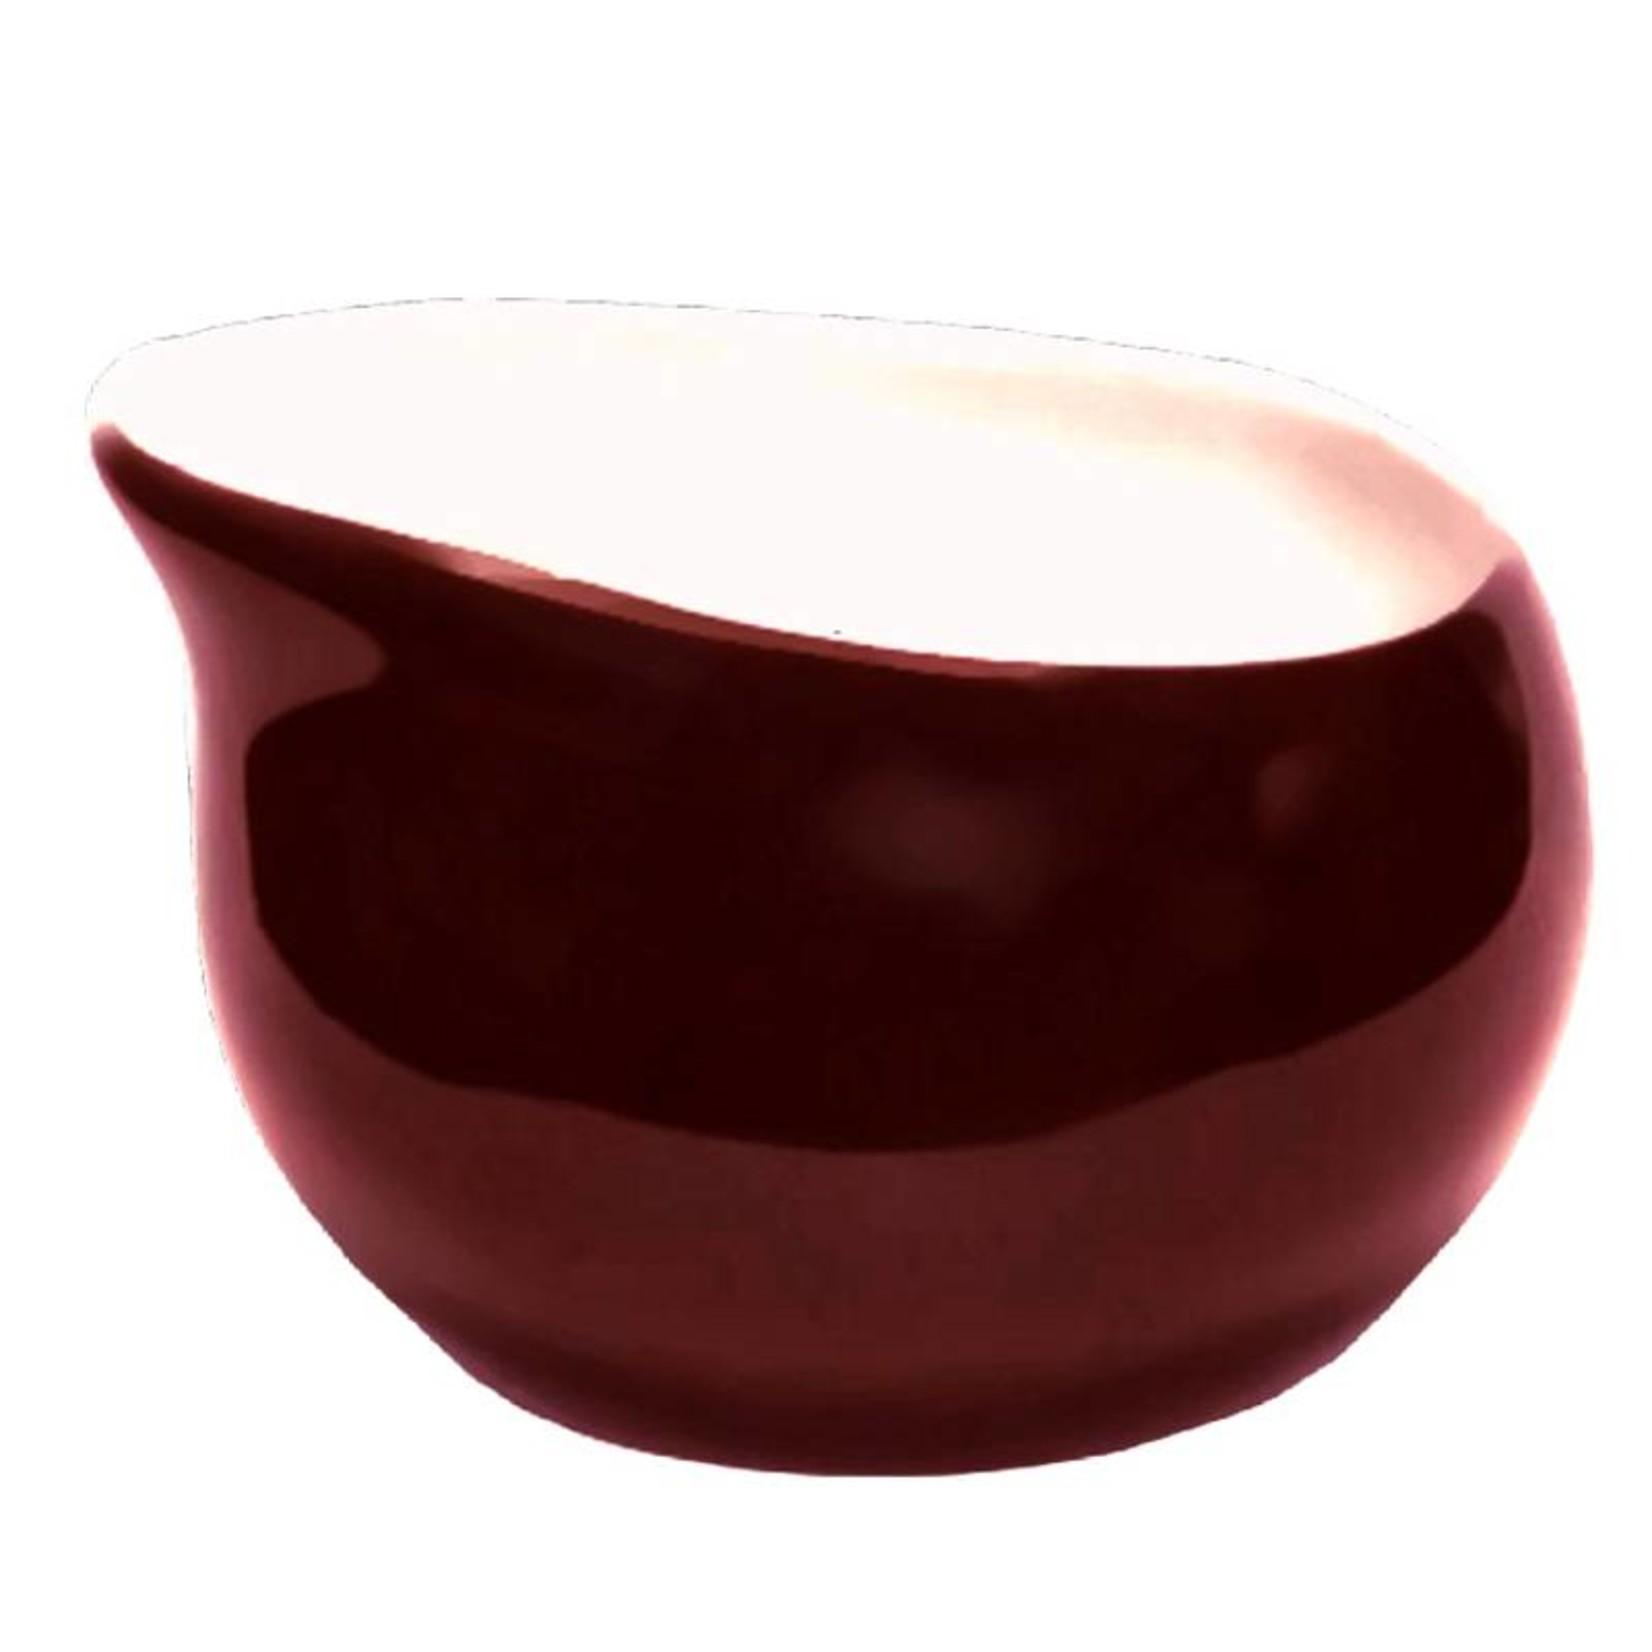 Colani Porzellanserie Colani Zuckerschale I violett I Zuckergefäß I Porzellan